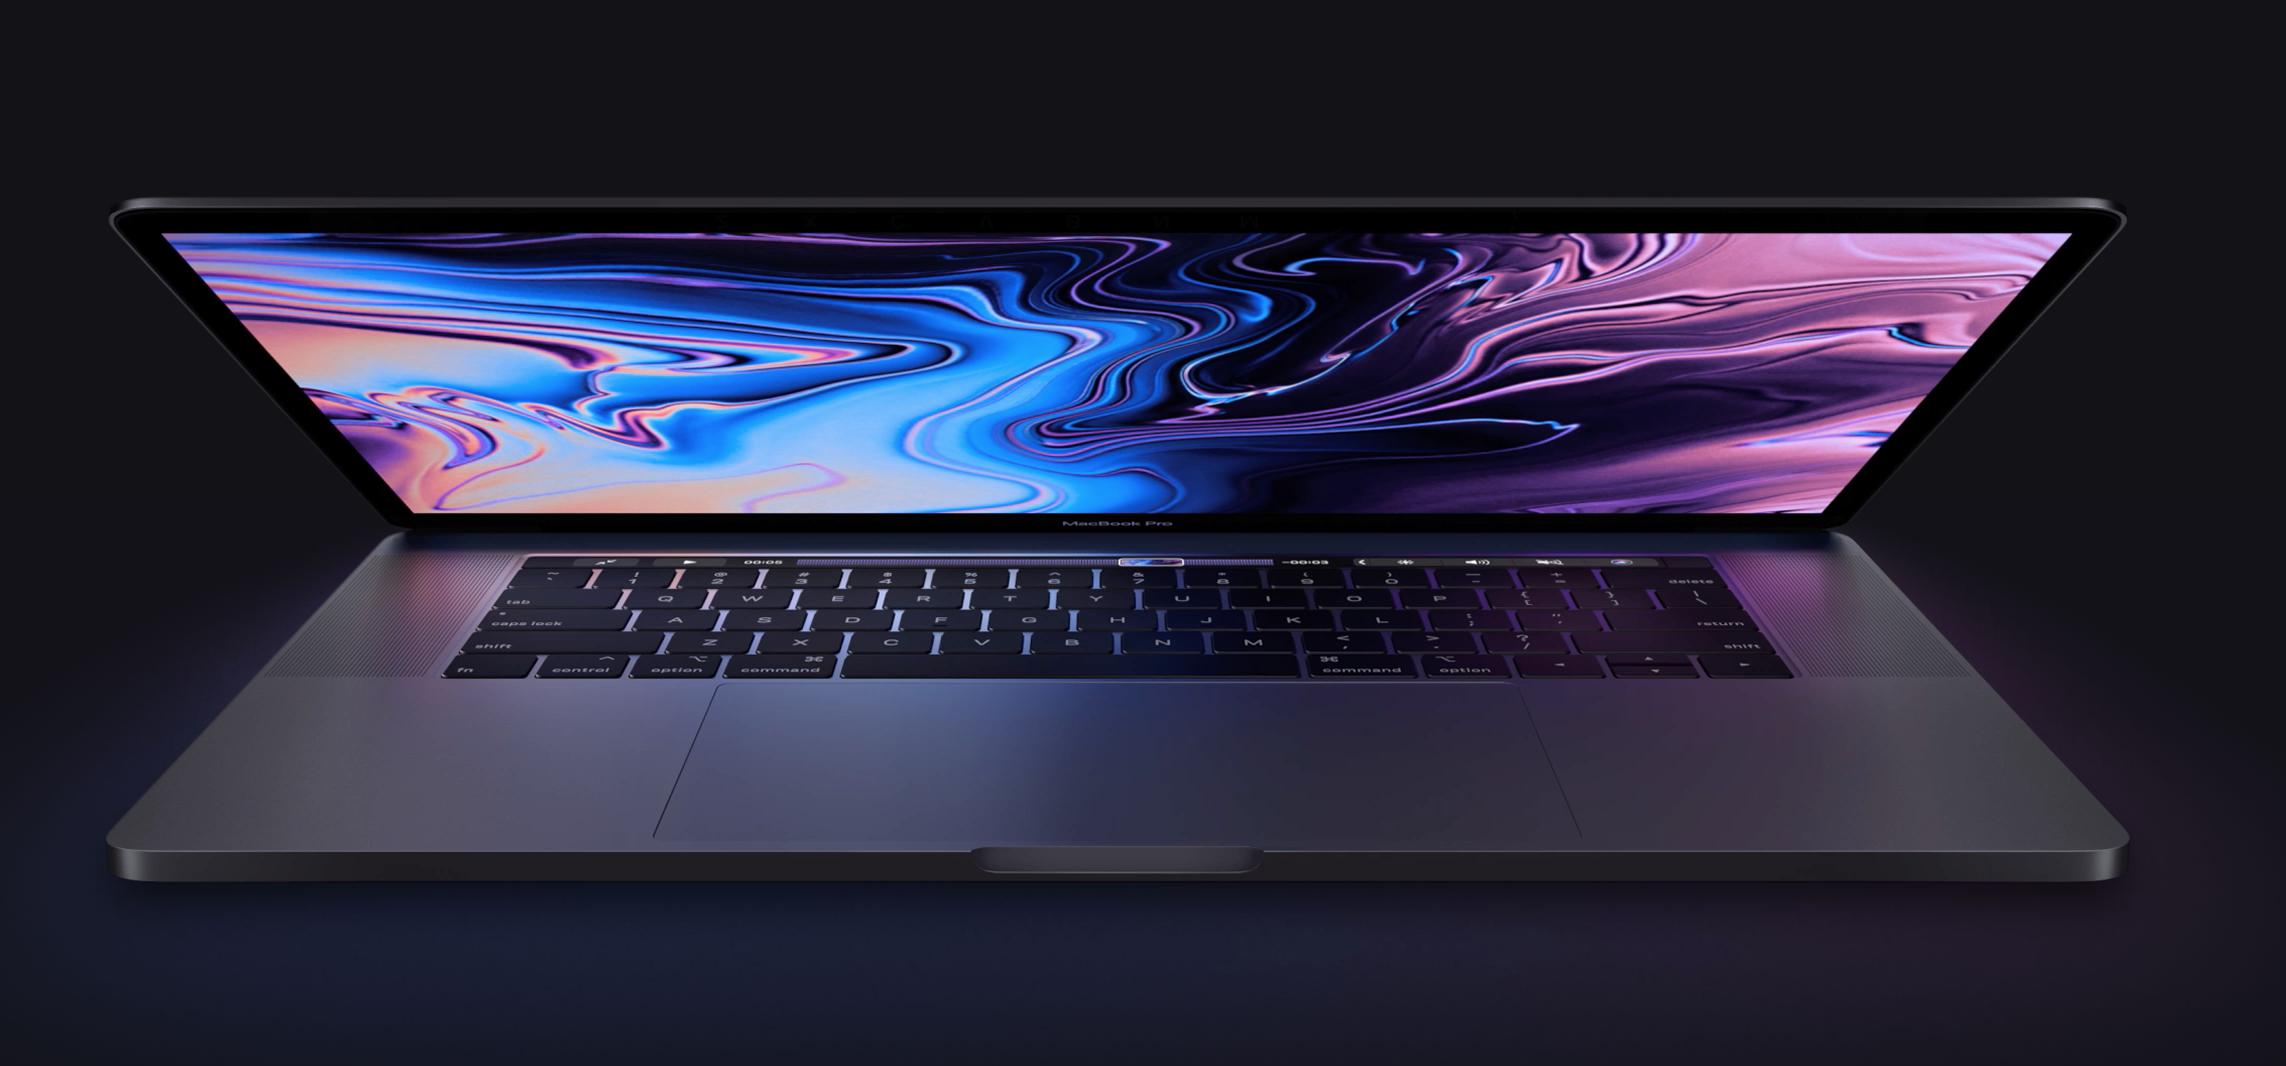 Apple rinnova i MacBook Pro con Intel Core i9 e una nuova generazione di tastiera a farfalla 1